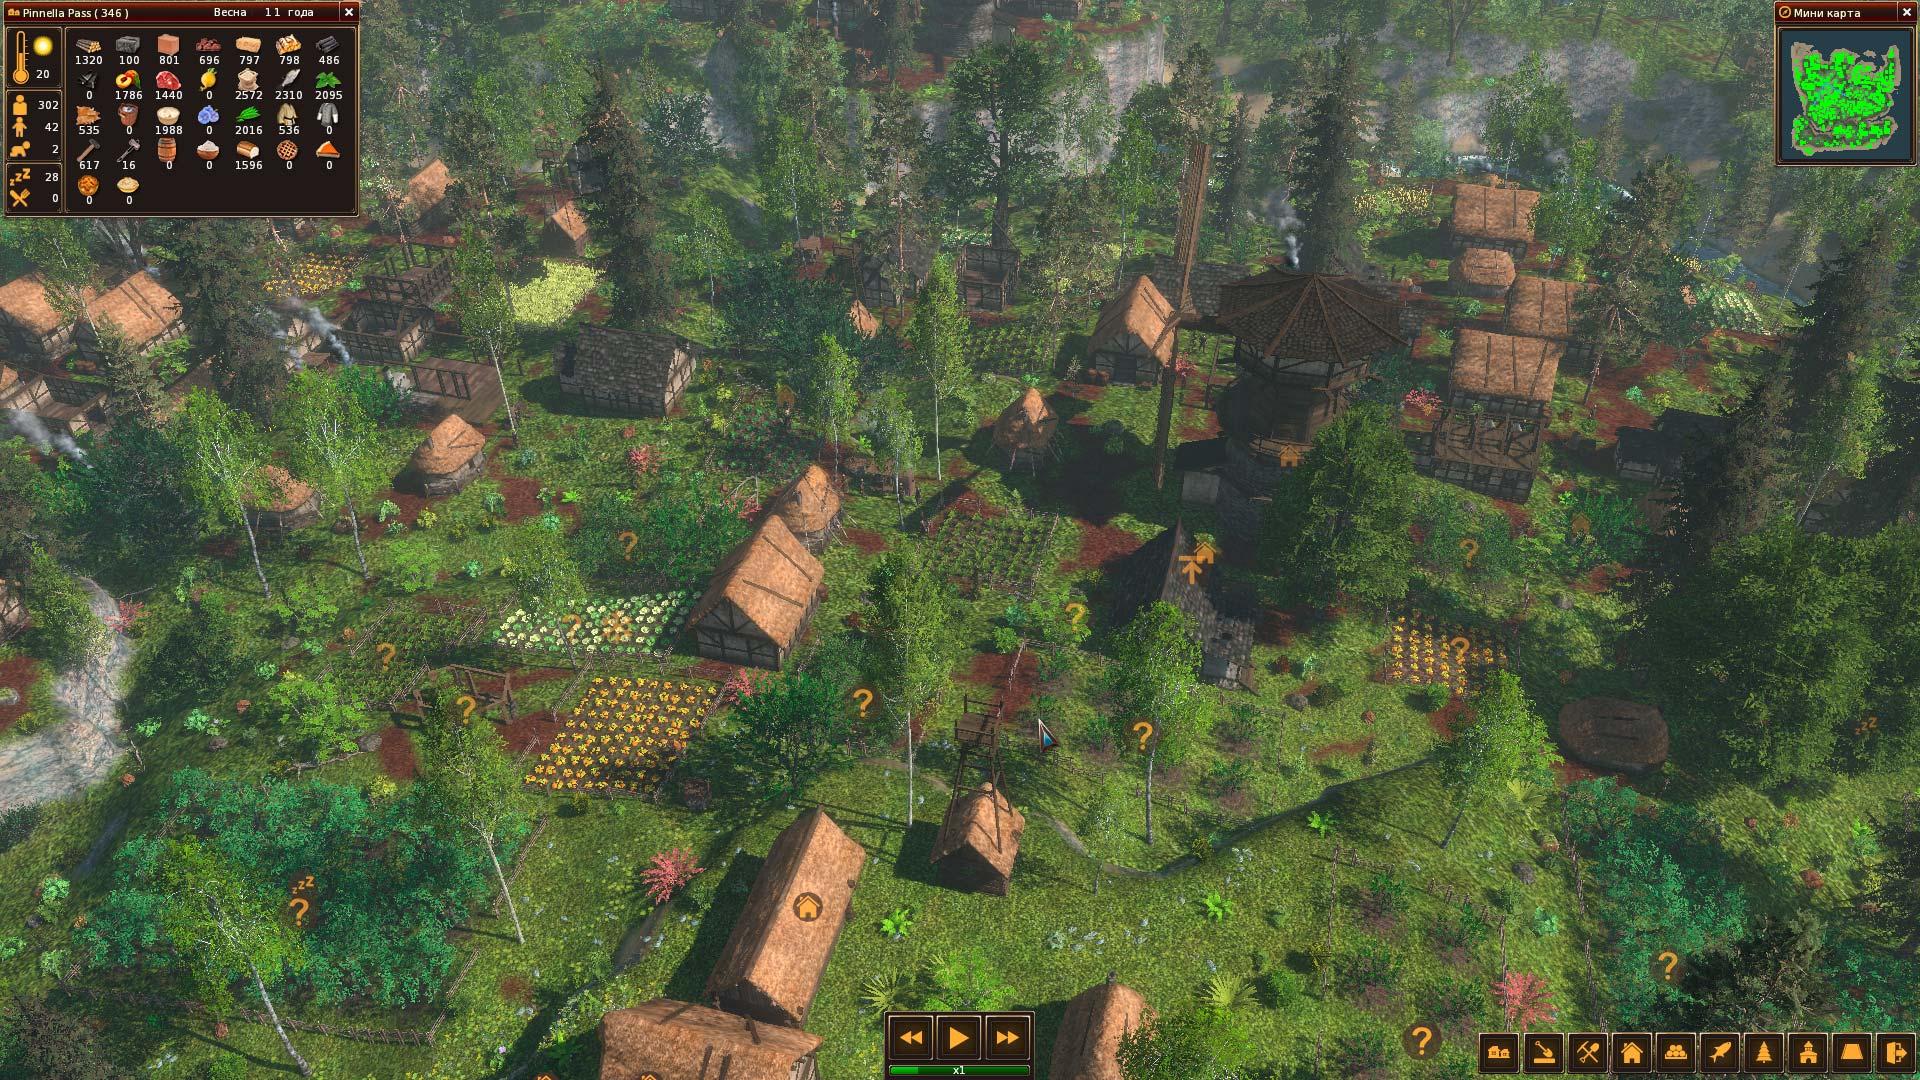 Life is feudal торрент живая сталь скачать онлайн бесплатно игру